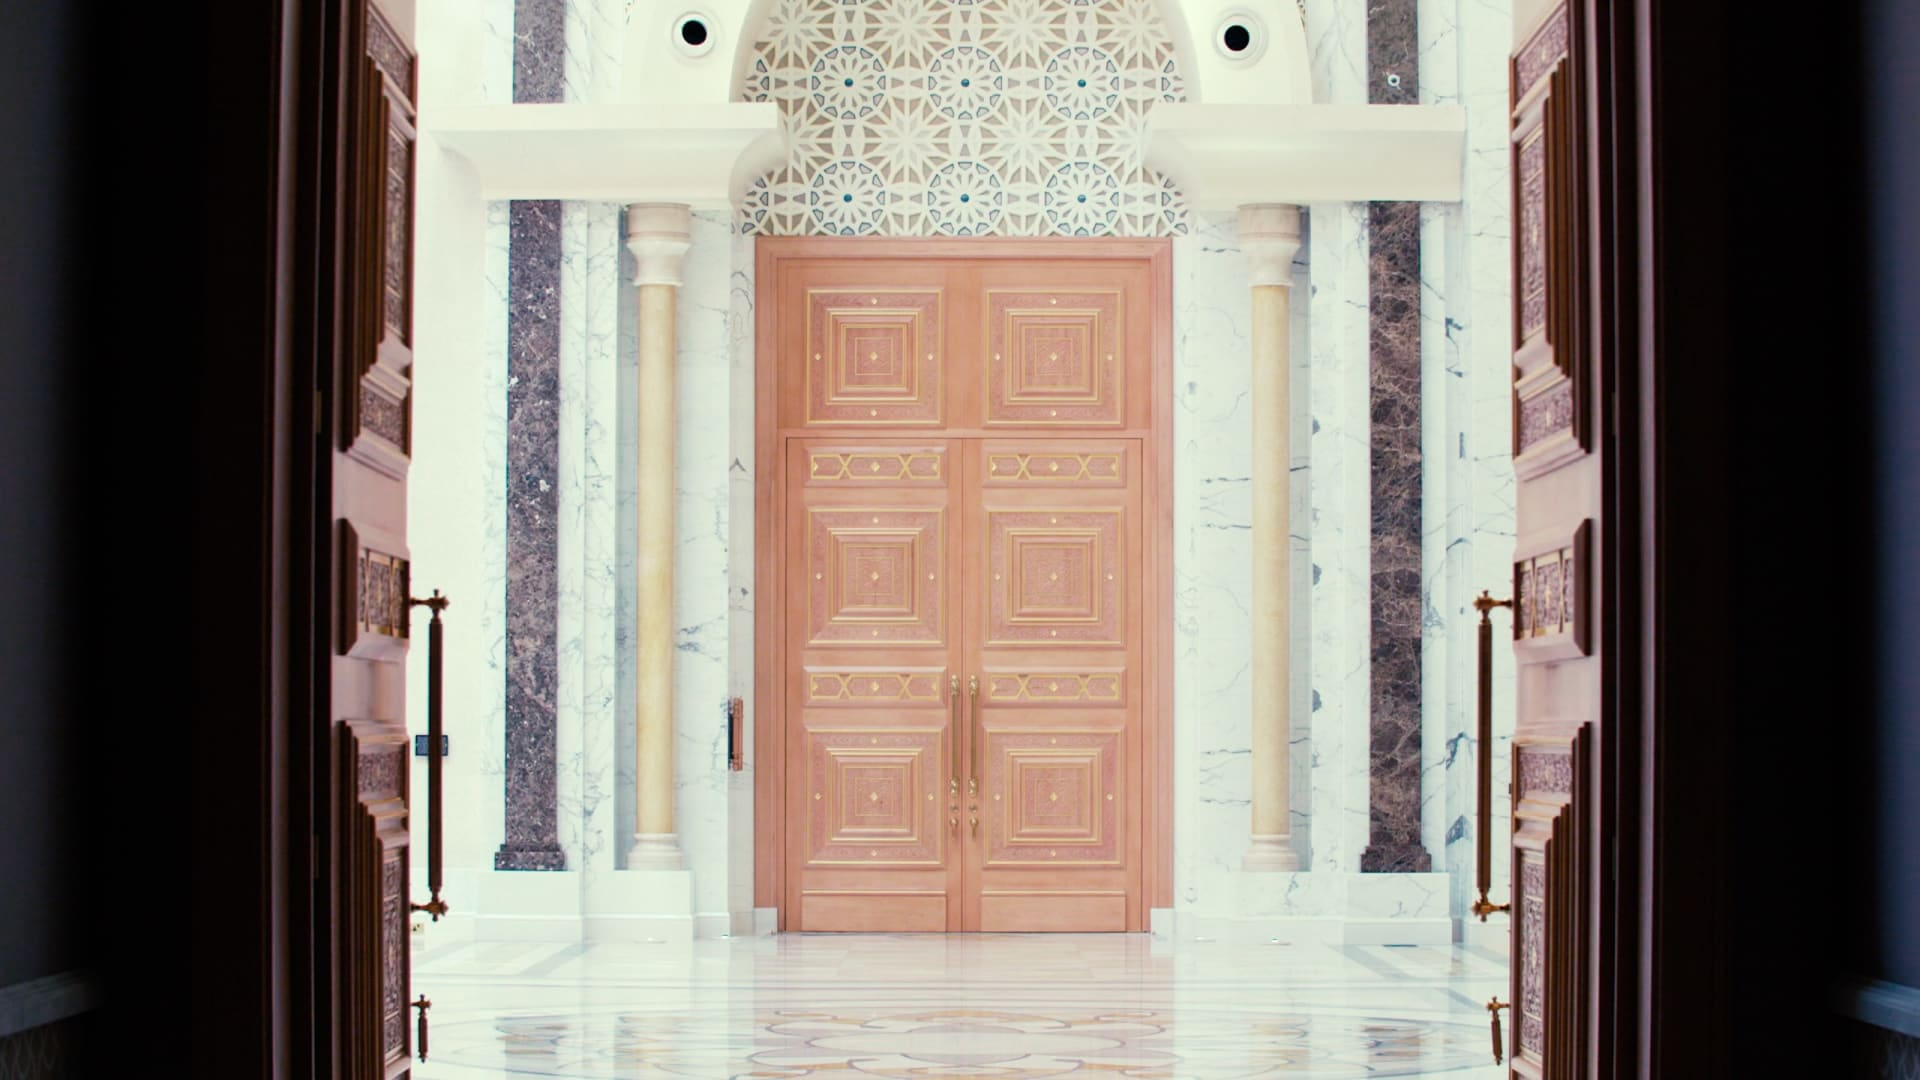 جولة بصرية داخل القصر الرئاسي في أبوظبي.. فكيف يبدو؟